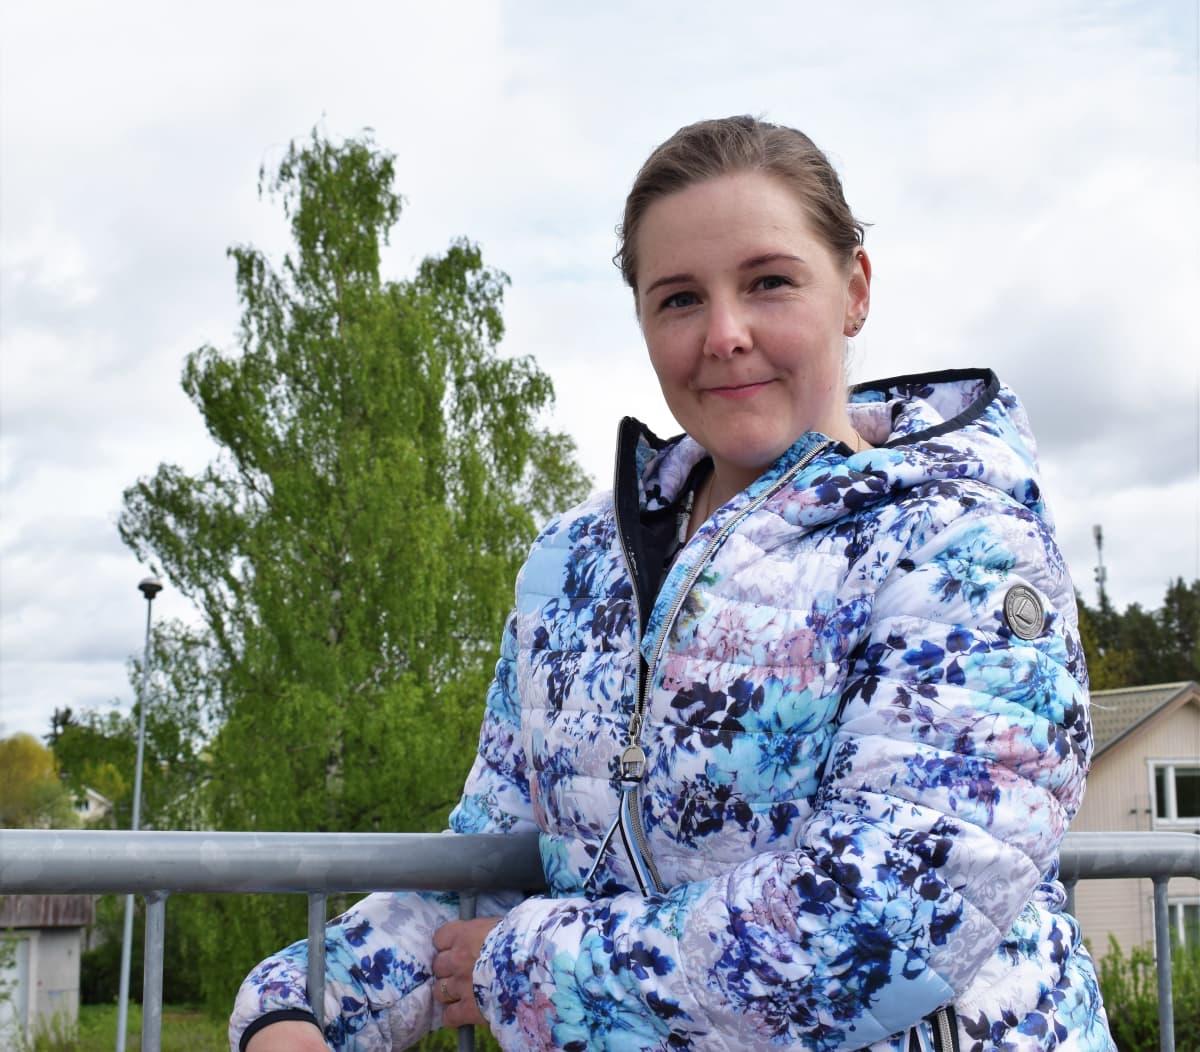 Raisiolaisäiti Johanna Koivisto seisoo Ihalan koulun pihassa